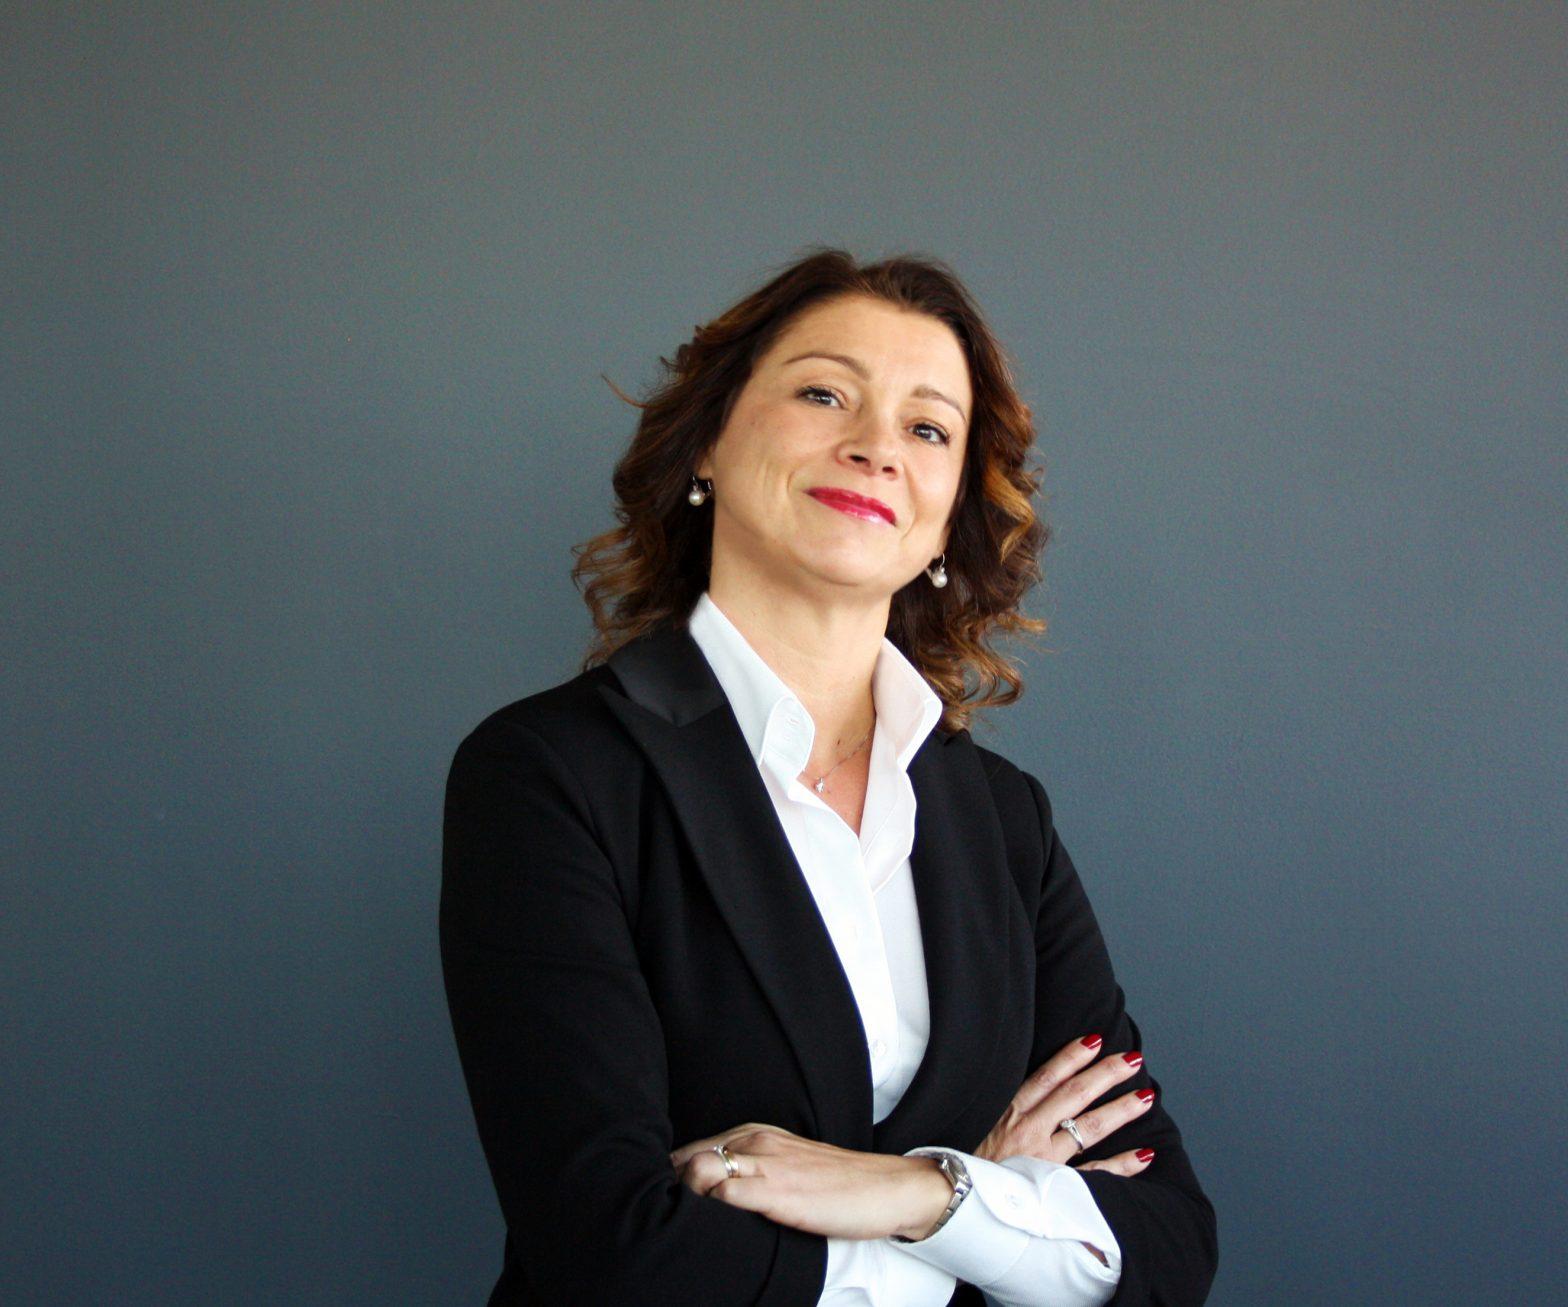 Avvocato Luisa Osellame - Diritto penale, Patrocinante in Cassazione